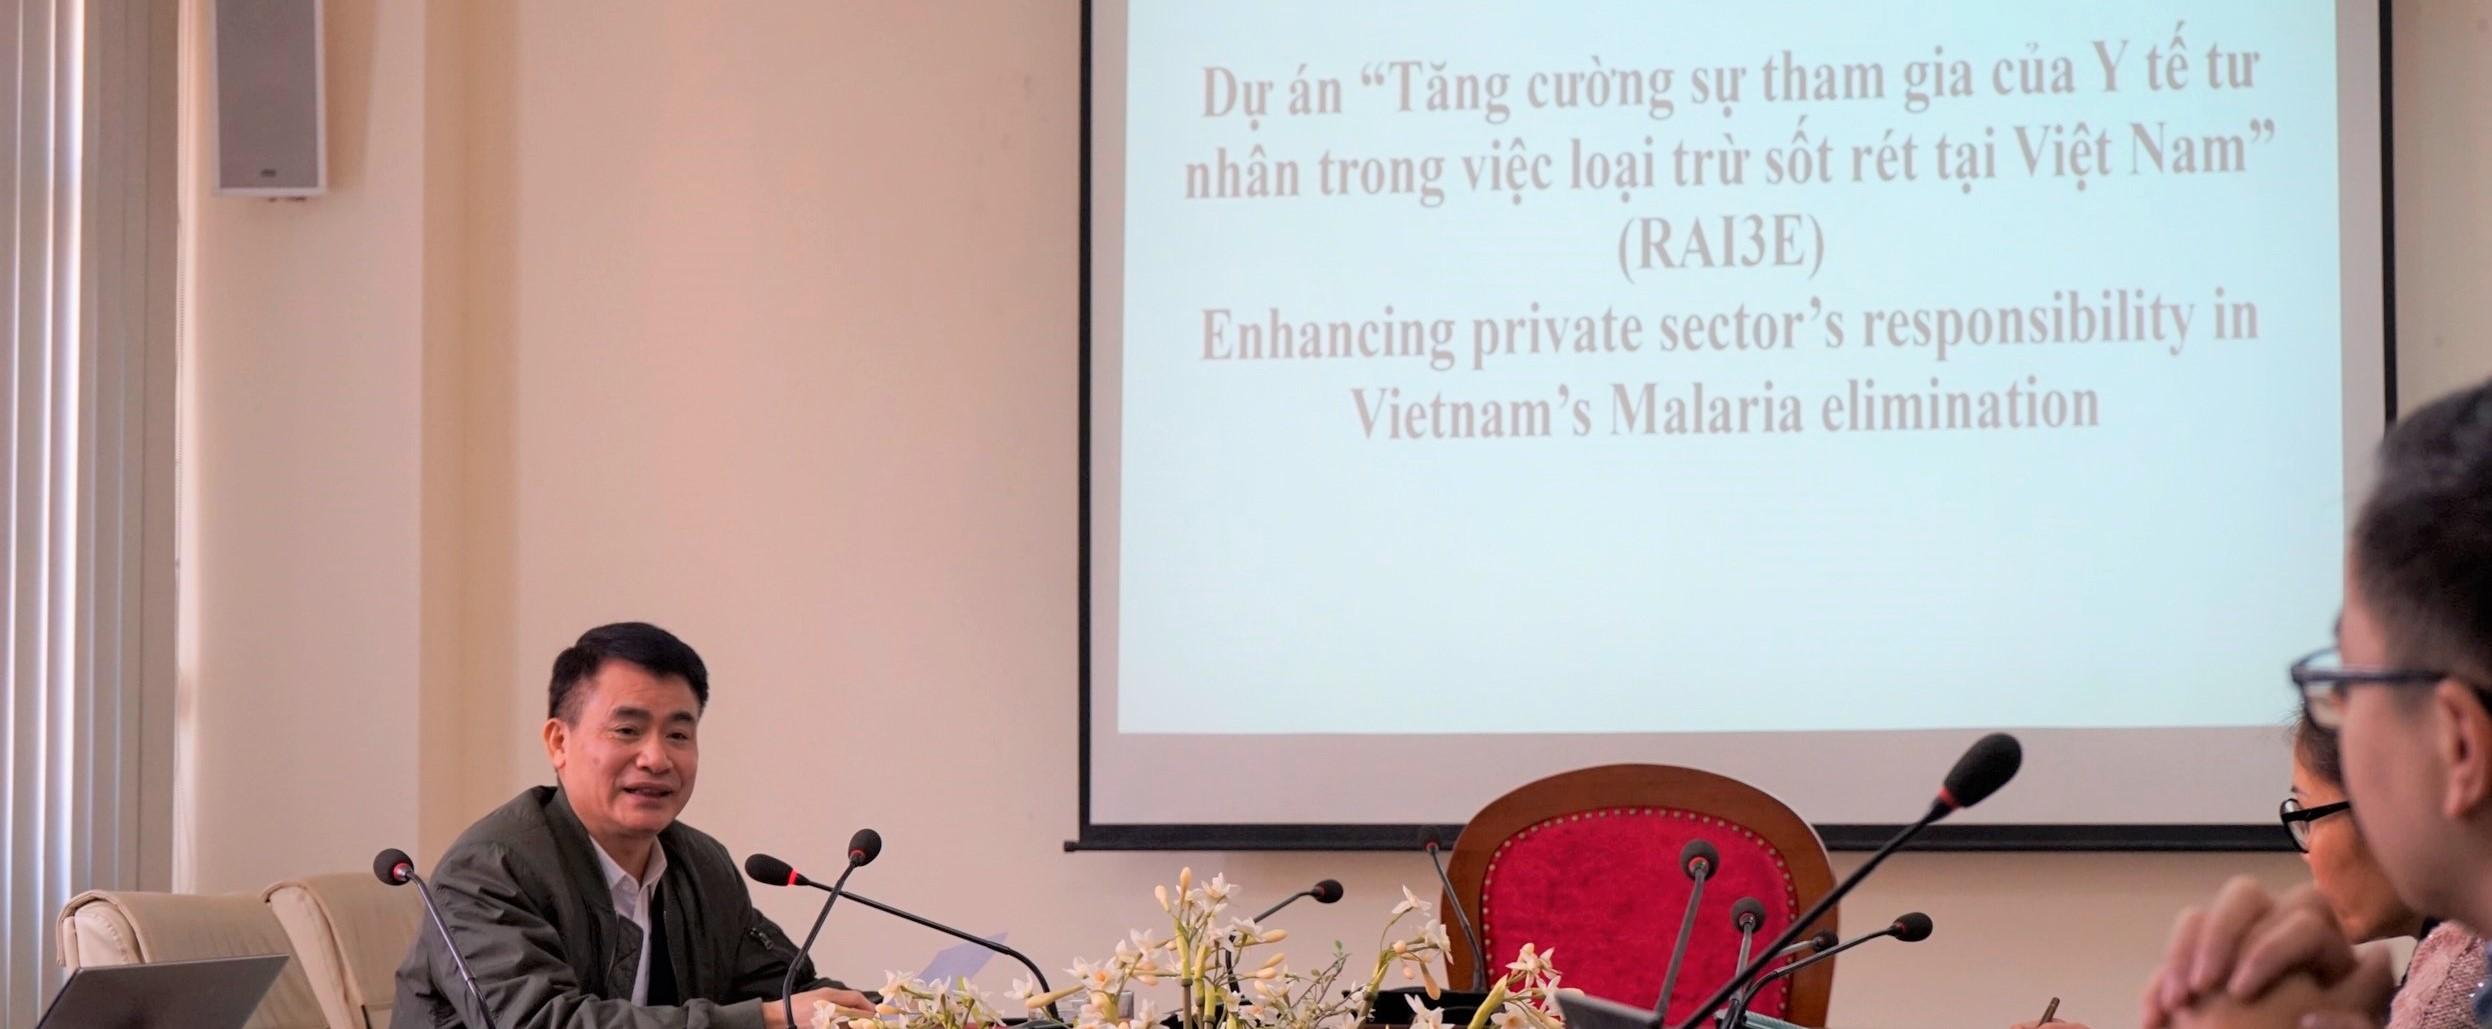 Xây dựng mối quan hệ, hợp tác giữa NIMPE và Hội Y tế Công cộng Việt Nam